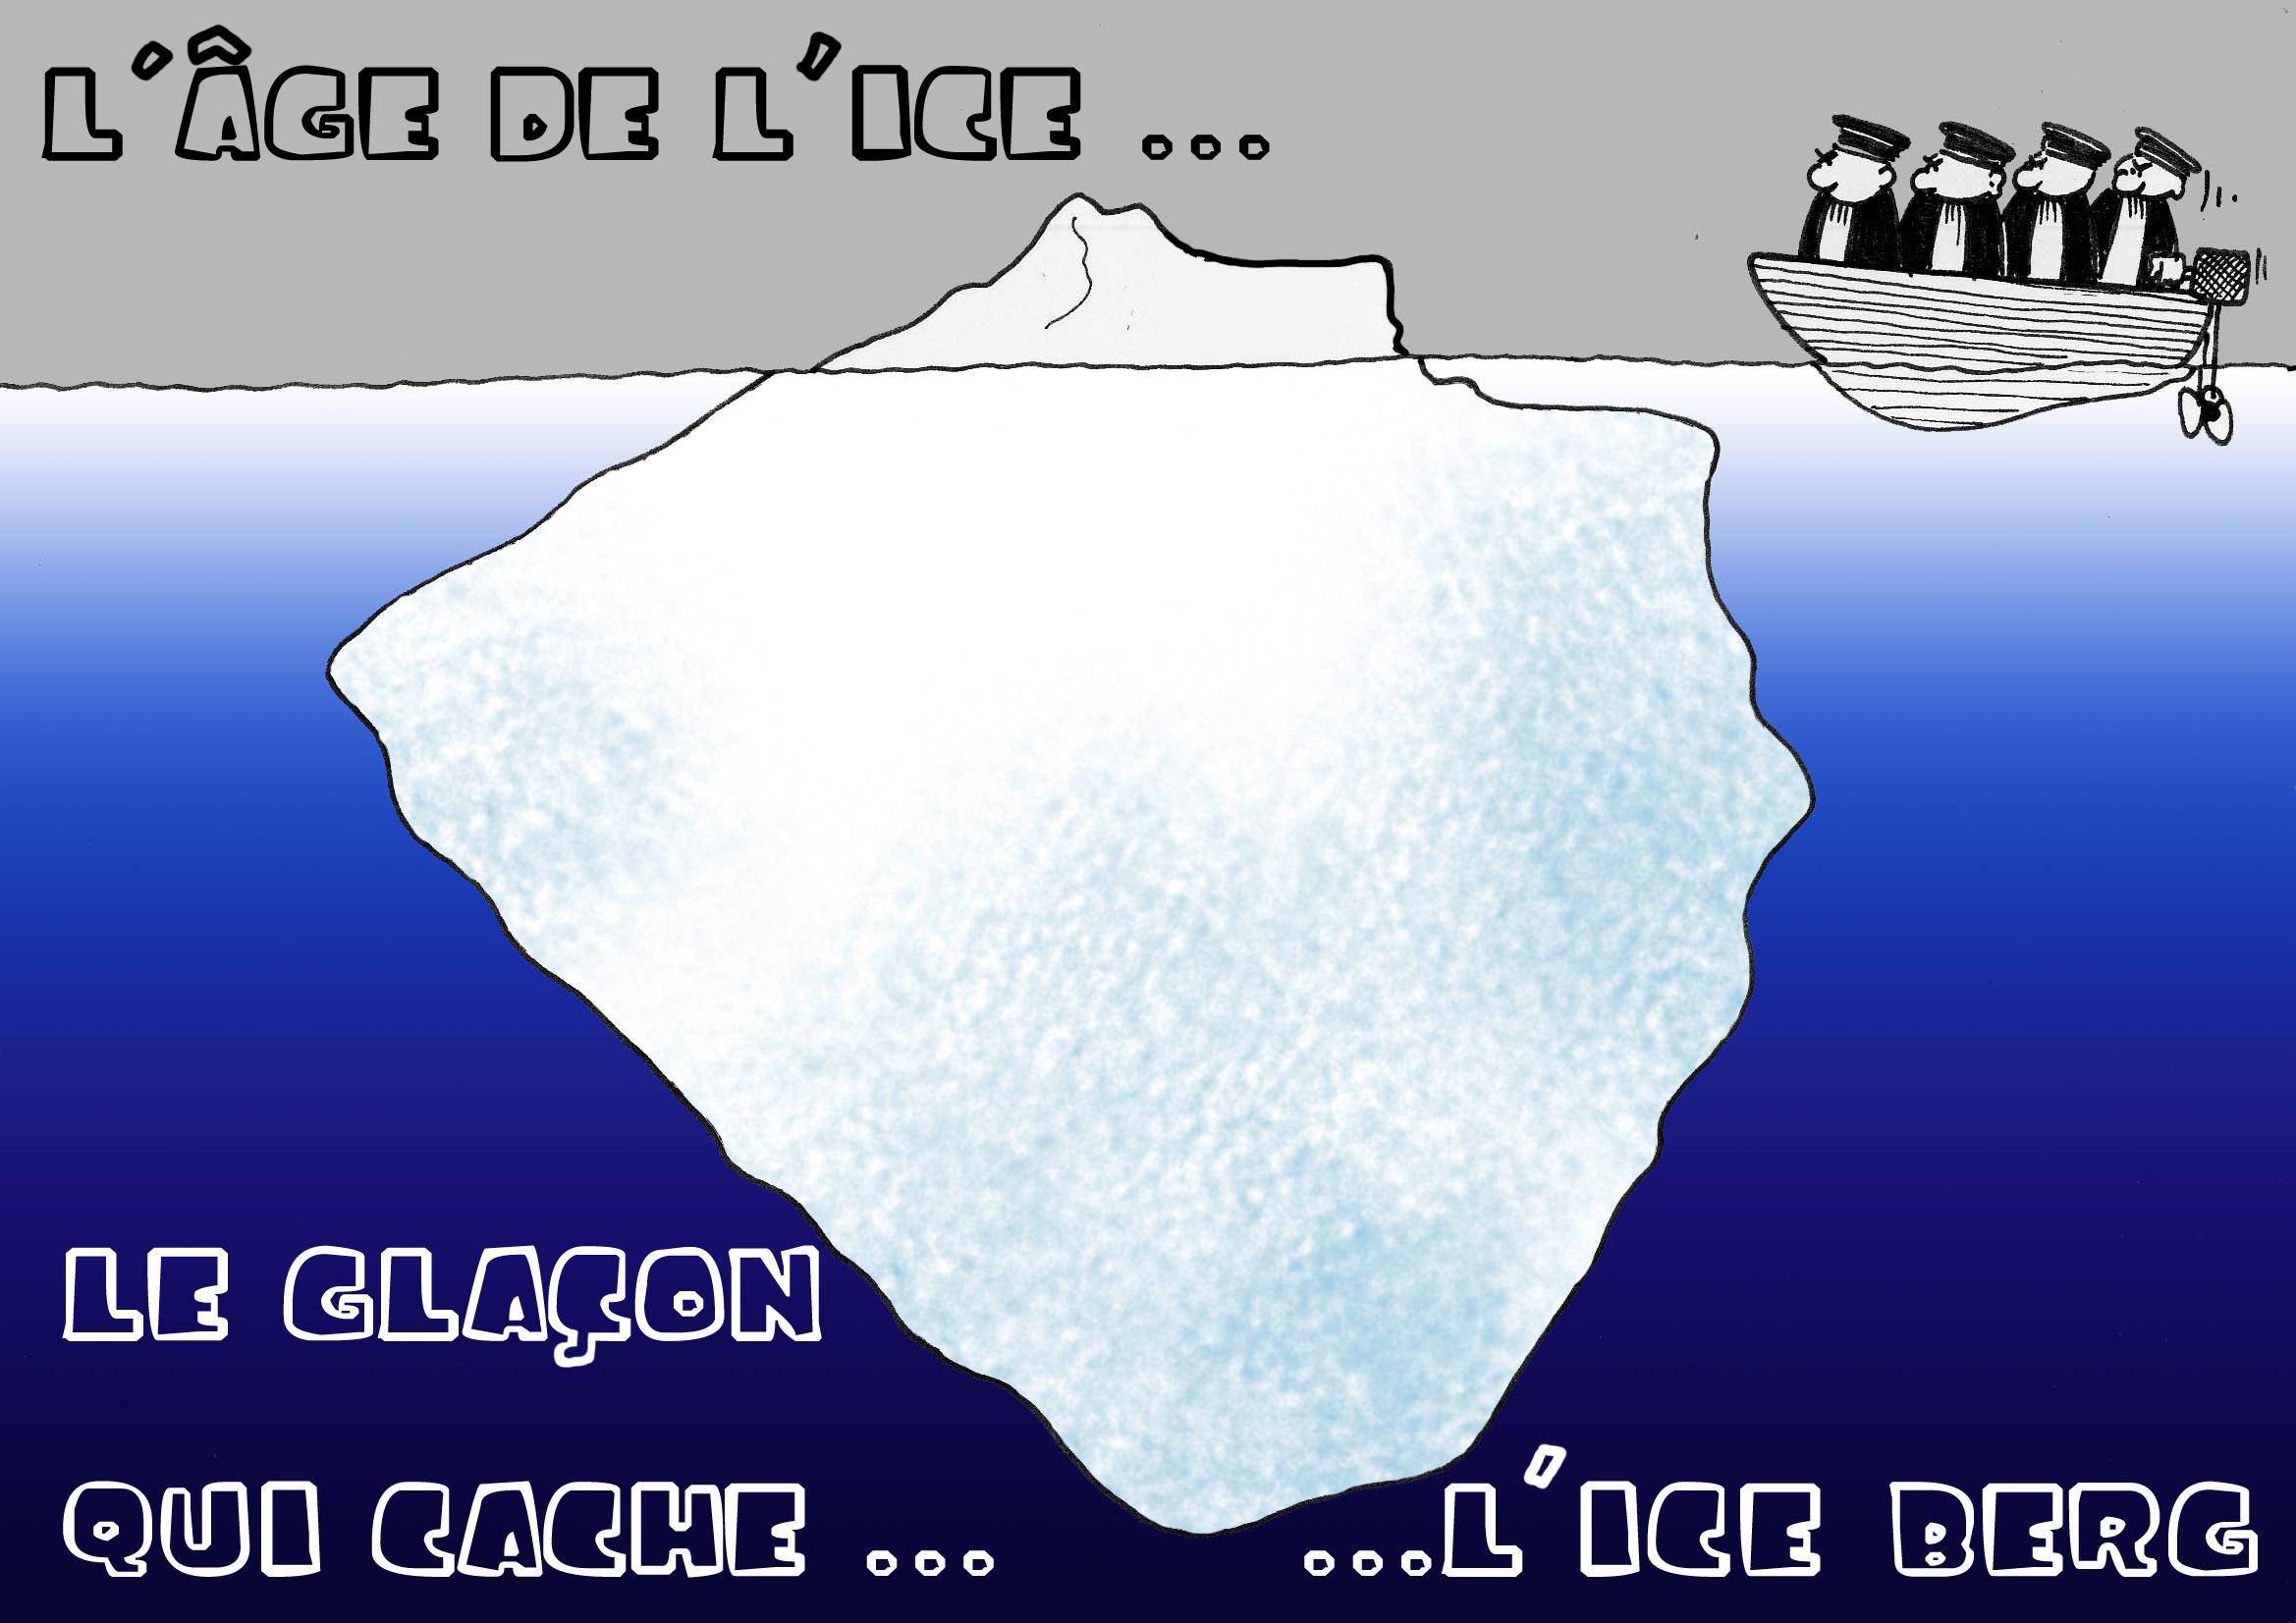 """"""" L'âge de l'ice """" par Munoz"""